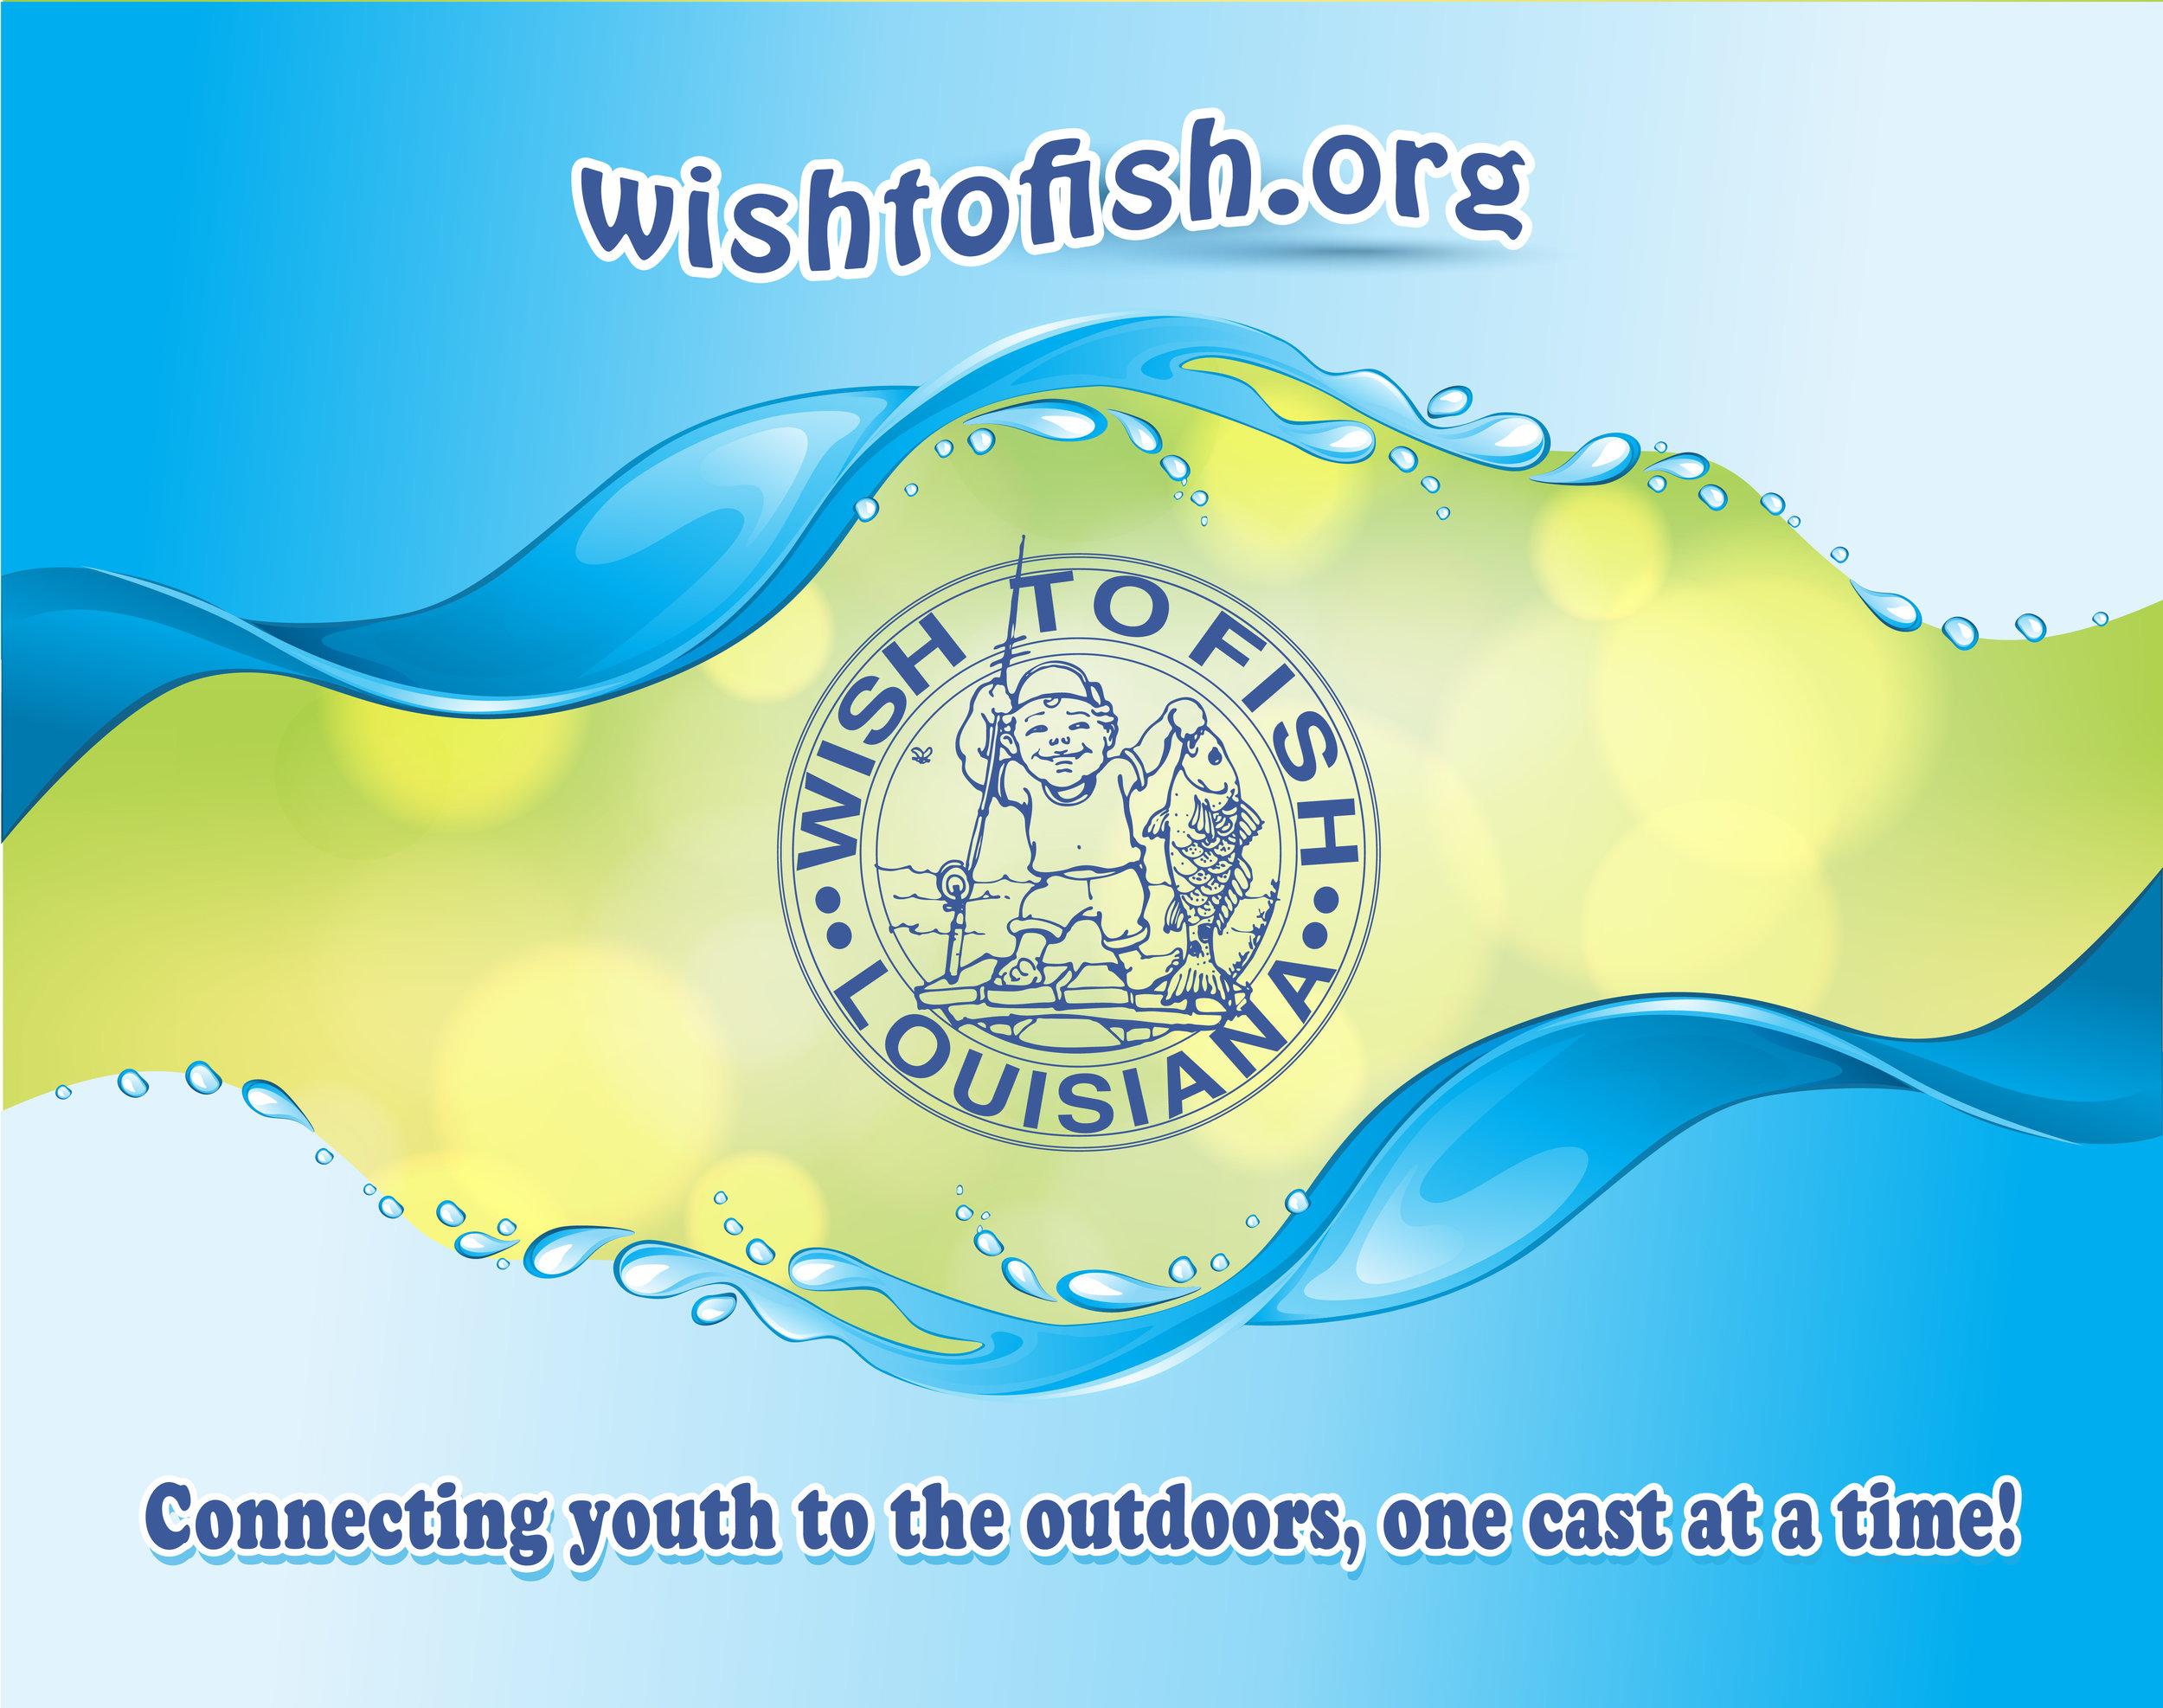 wish-to-fish